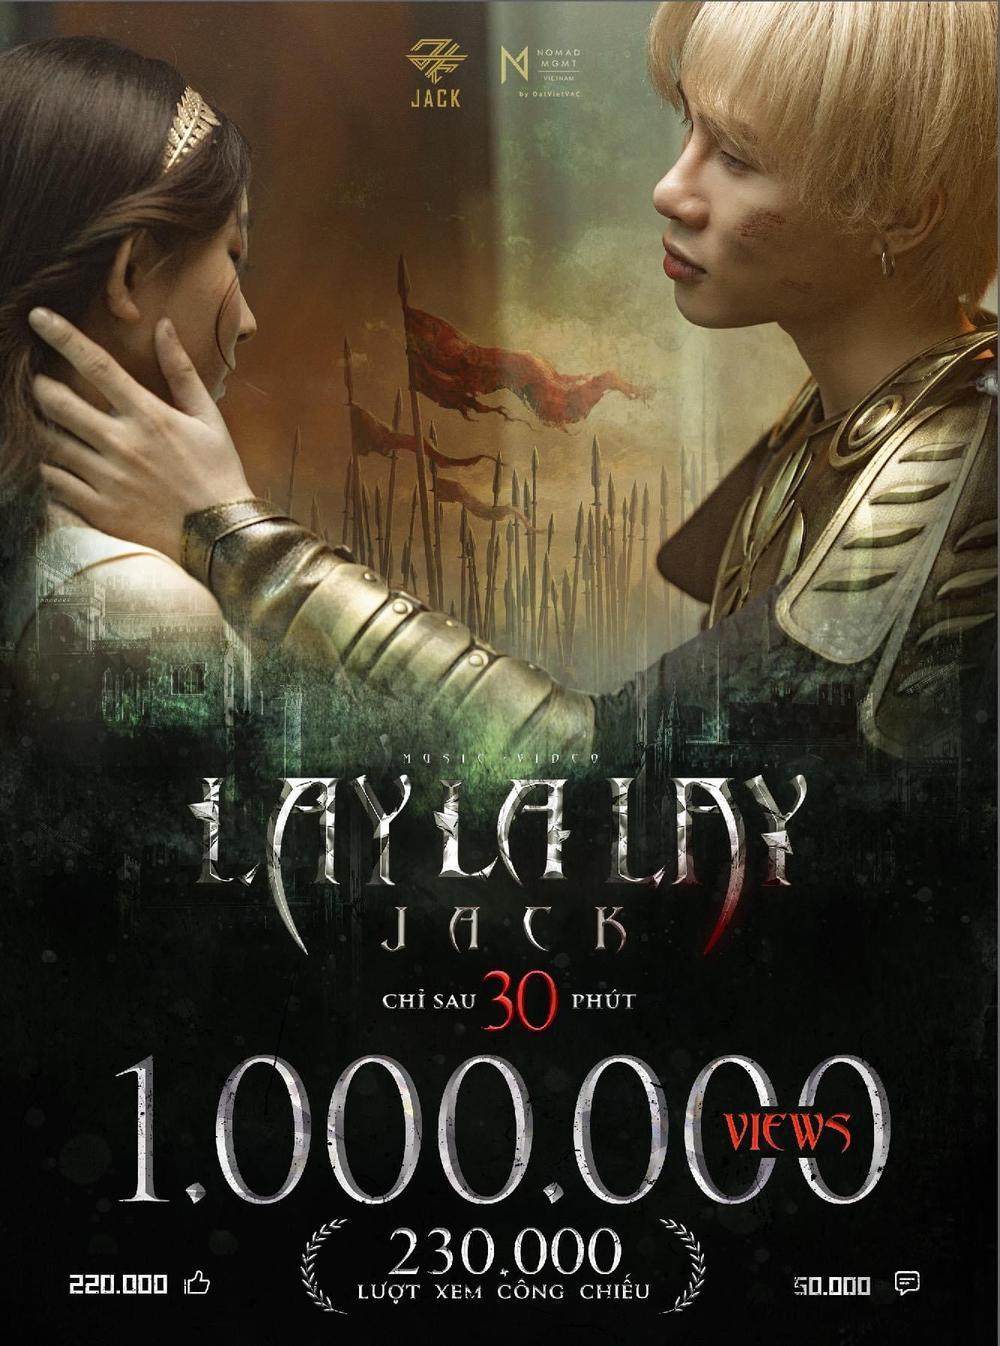 MV 'LAYLALAY' của Jack sau ít giờ phát hành: Ảm đạm hơn 'Đom Đóm', liệu sau 1 ngày có thay đổi cục diện? Ảnh 2